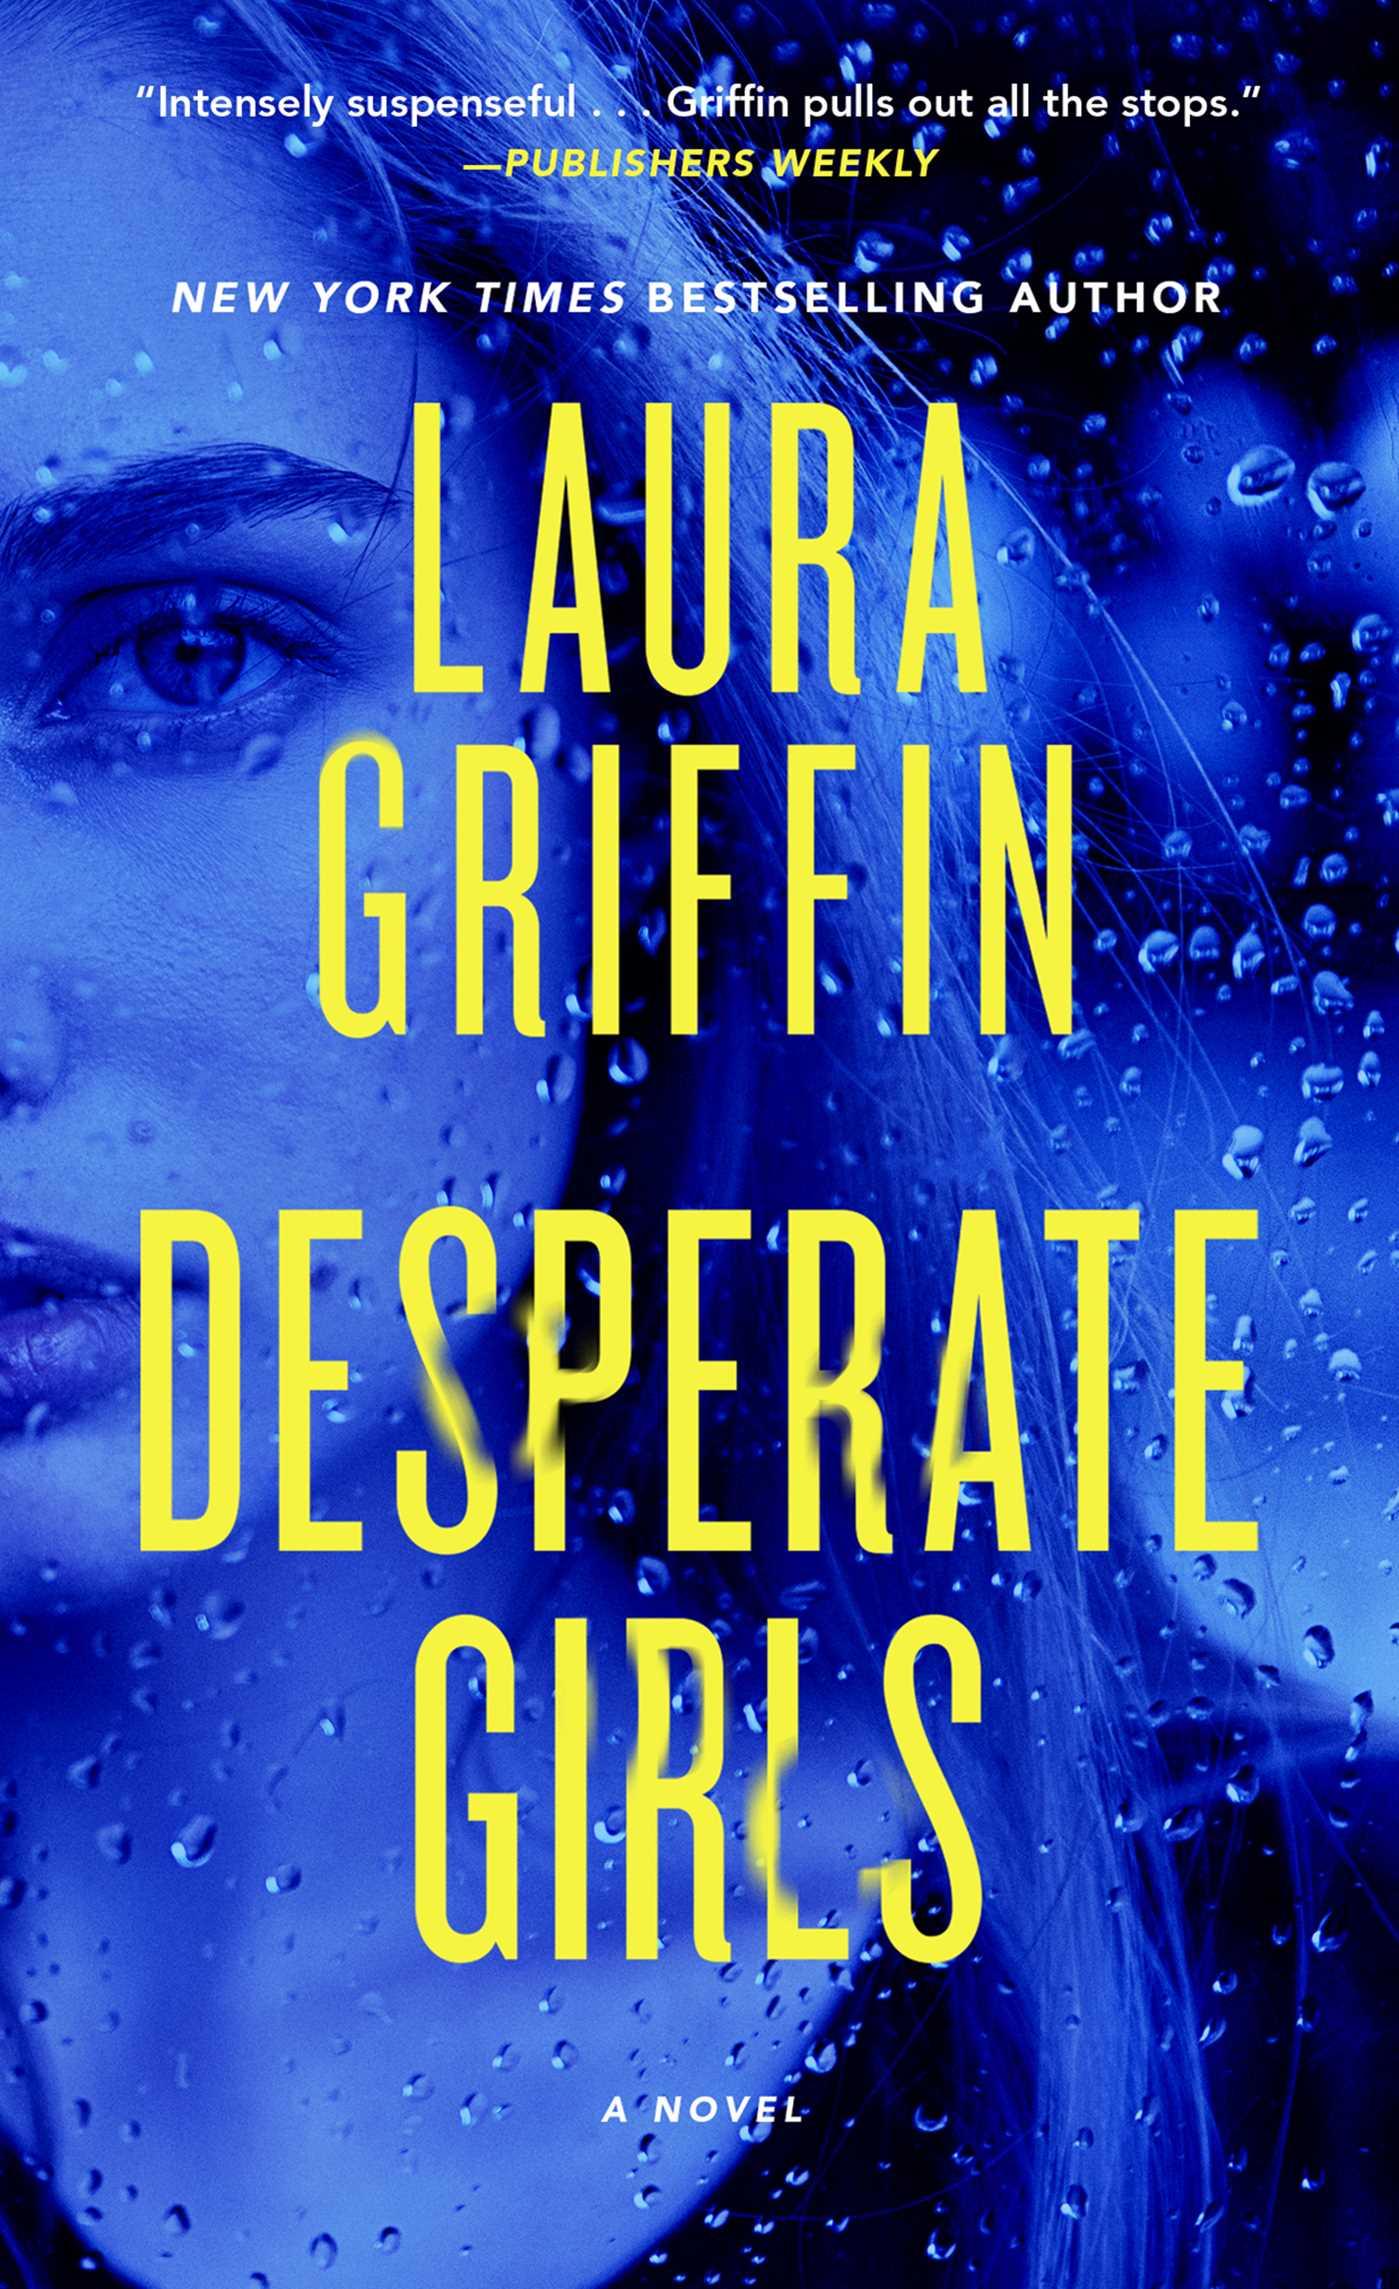 Desperate girls 9781501162428 hr